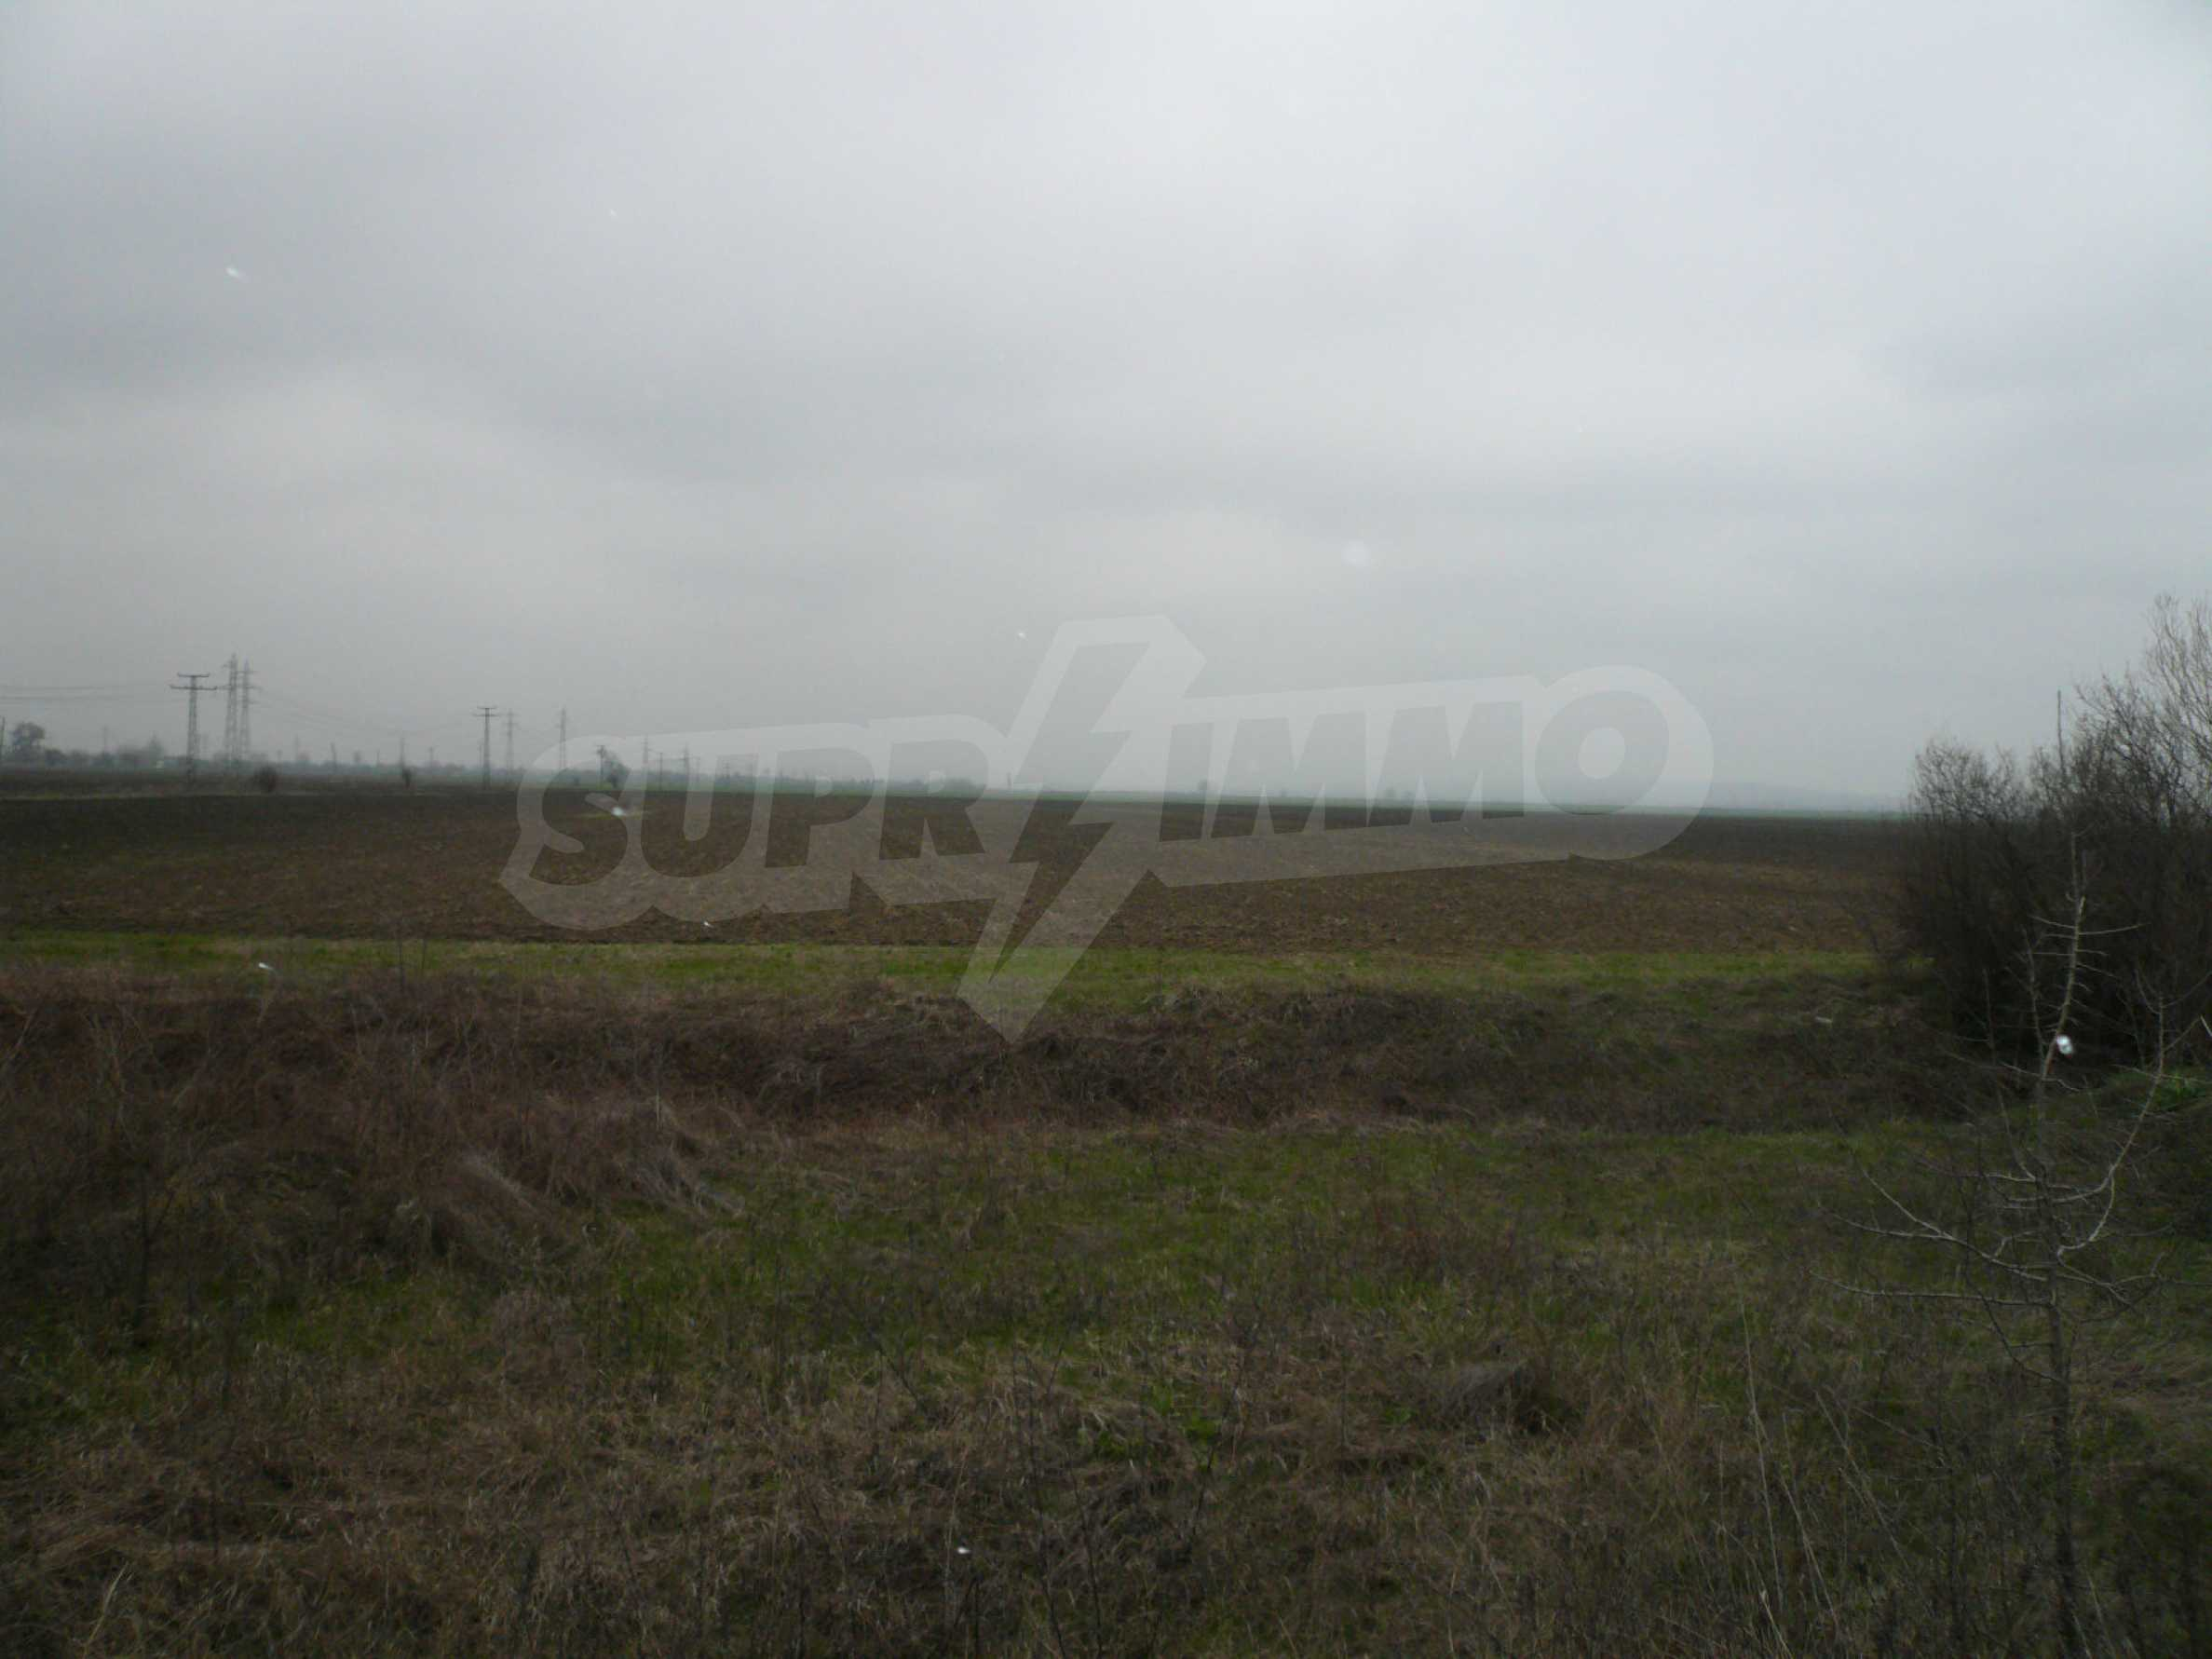 Plot of land at the asphalt road Vidin-Bregovo 2